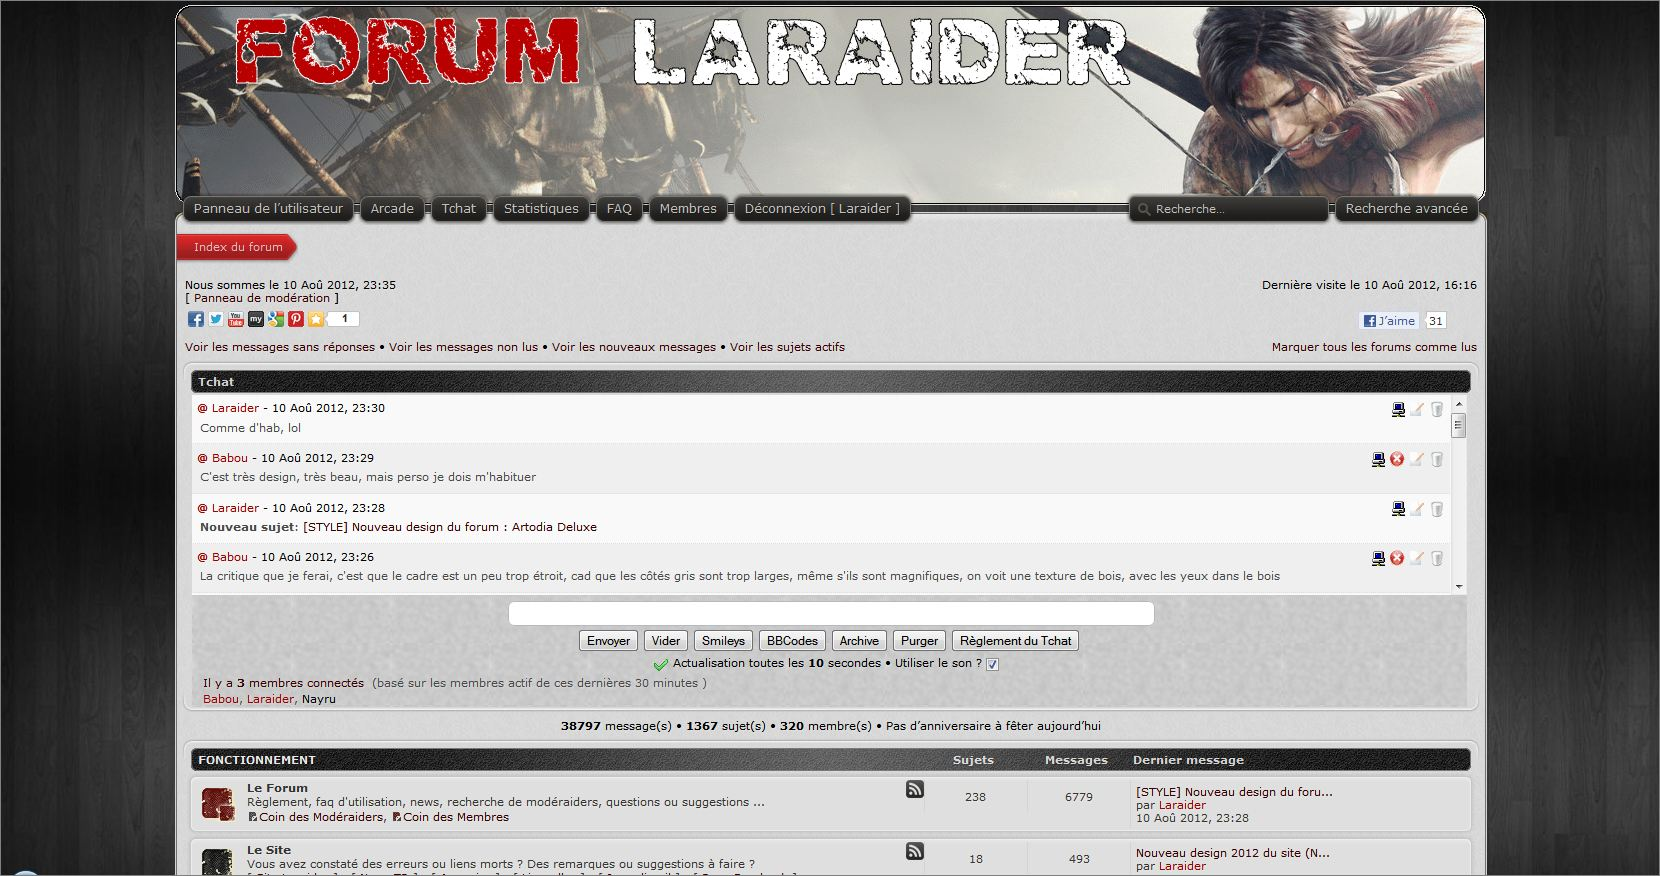 Стили и дизайны для форумов